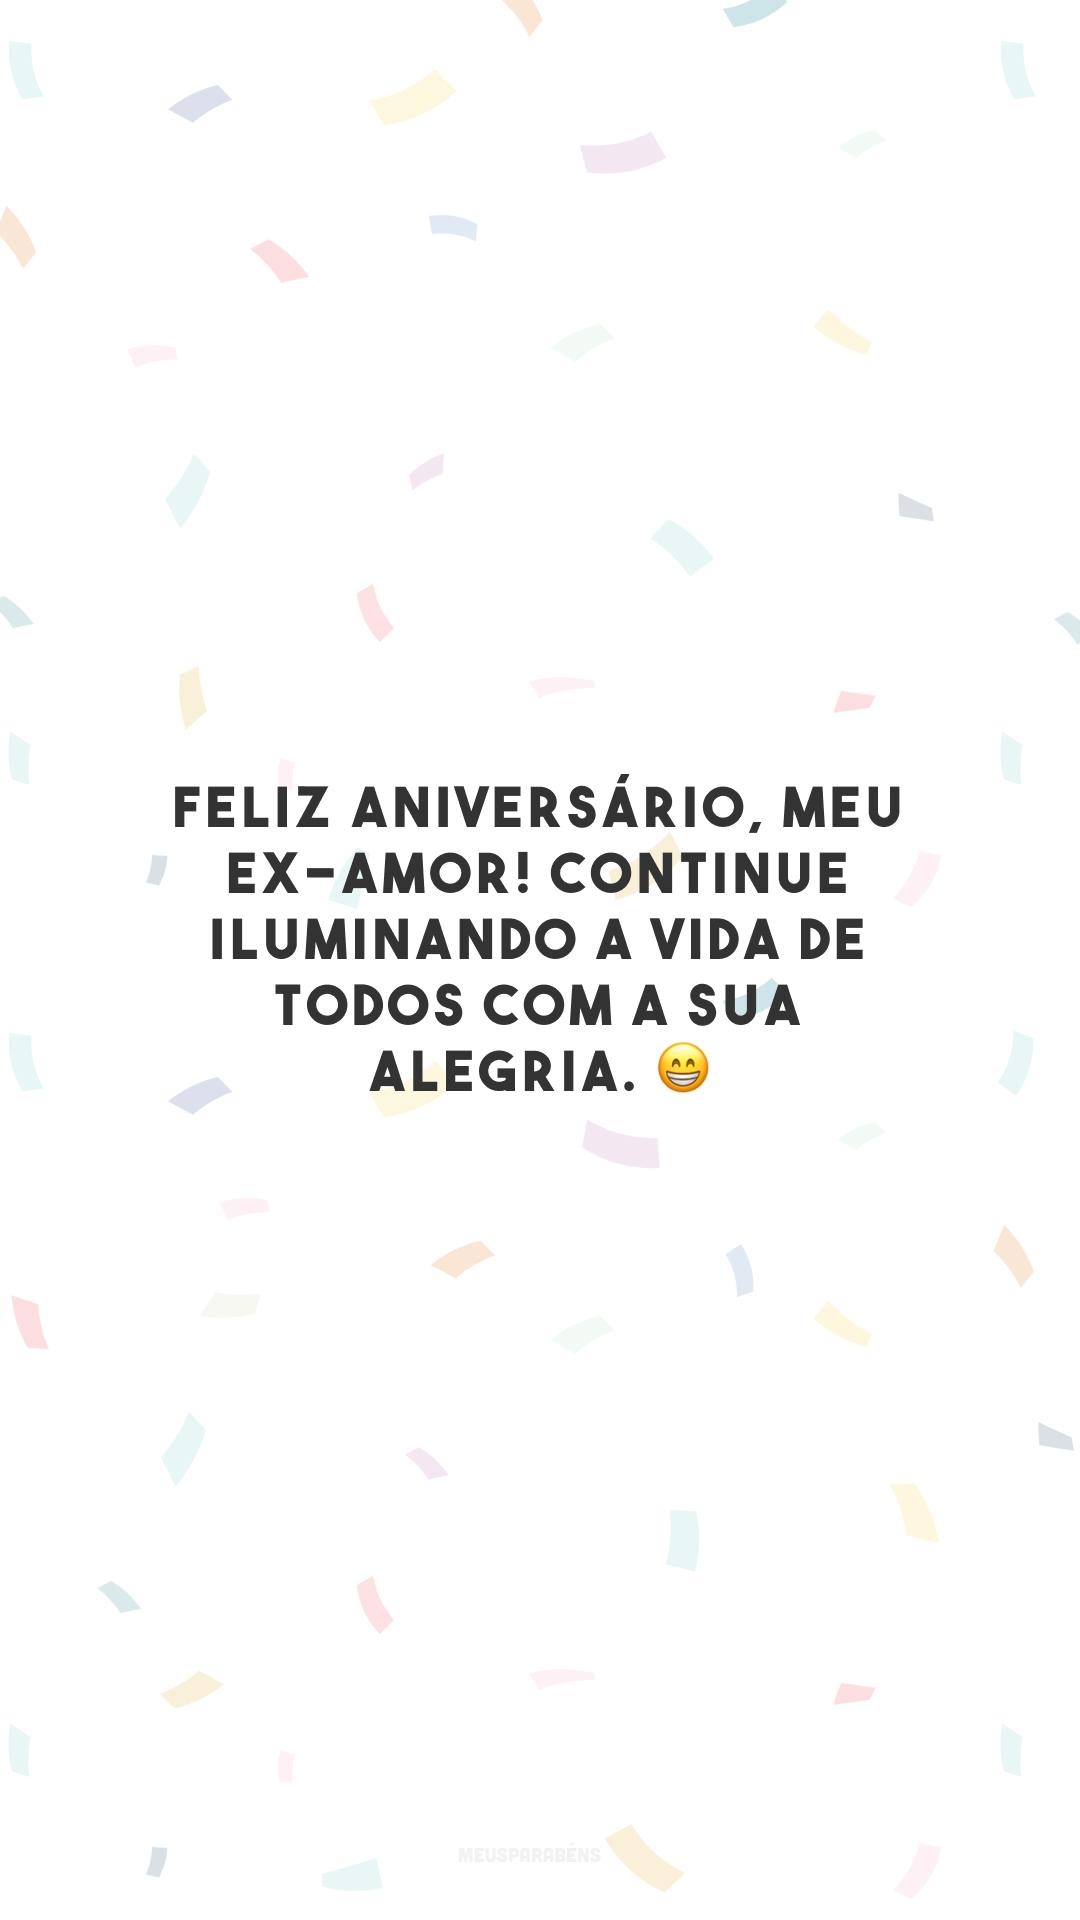 Feliz aniversário, meu ex-amor! Continue iluminando a vida de todos com a sua alegria. 😁